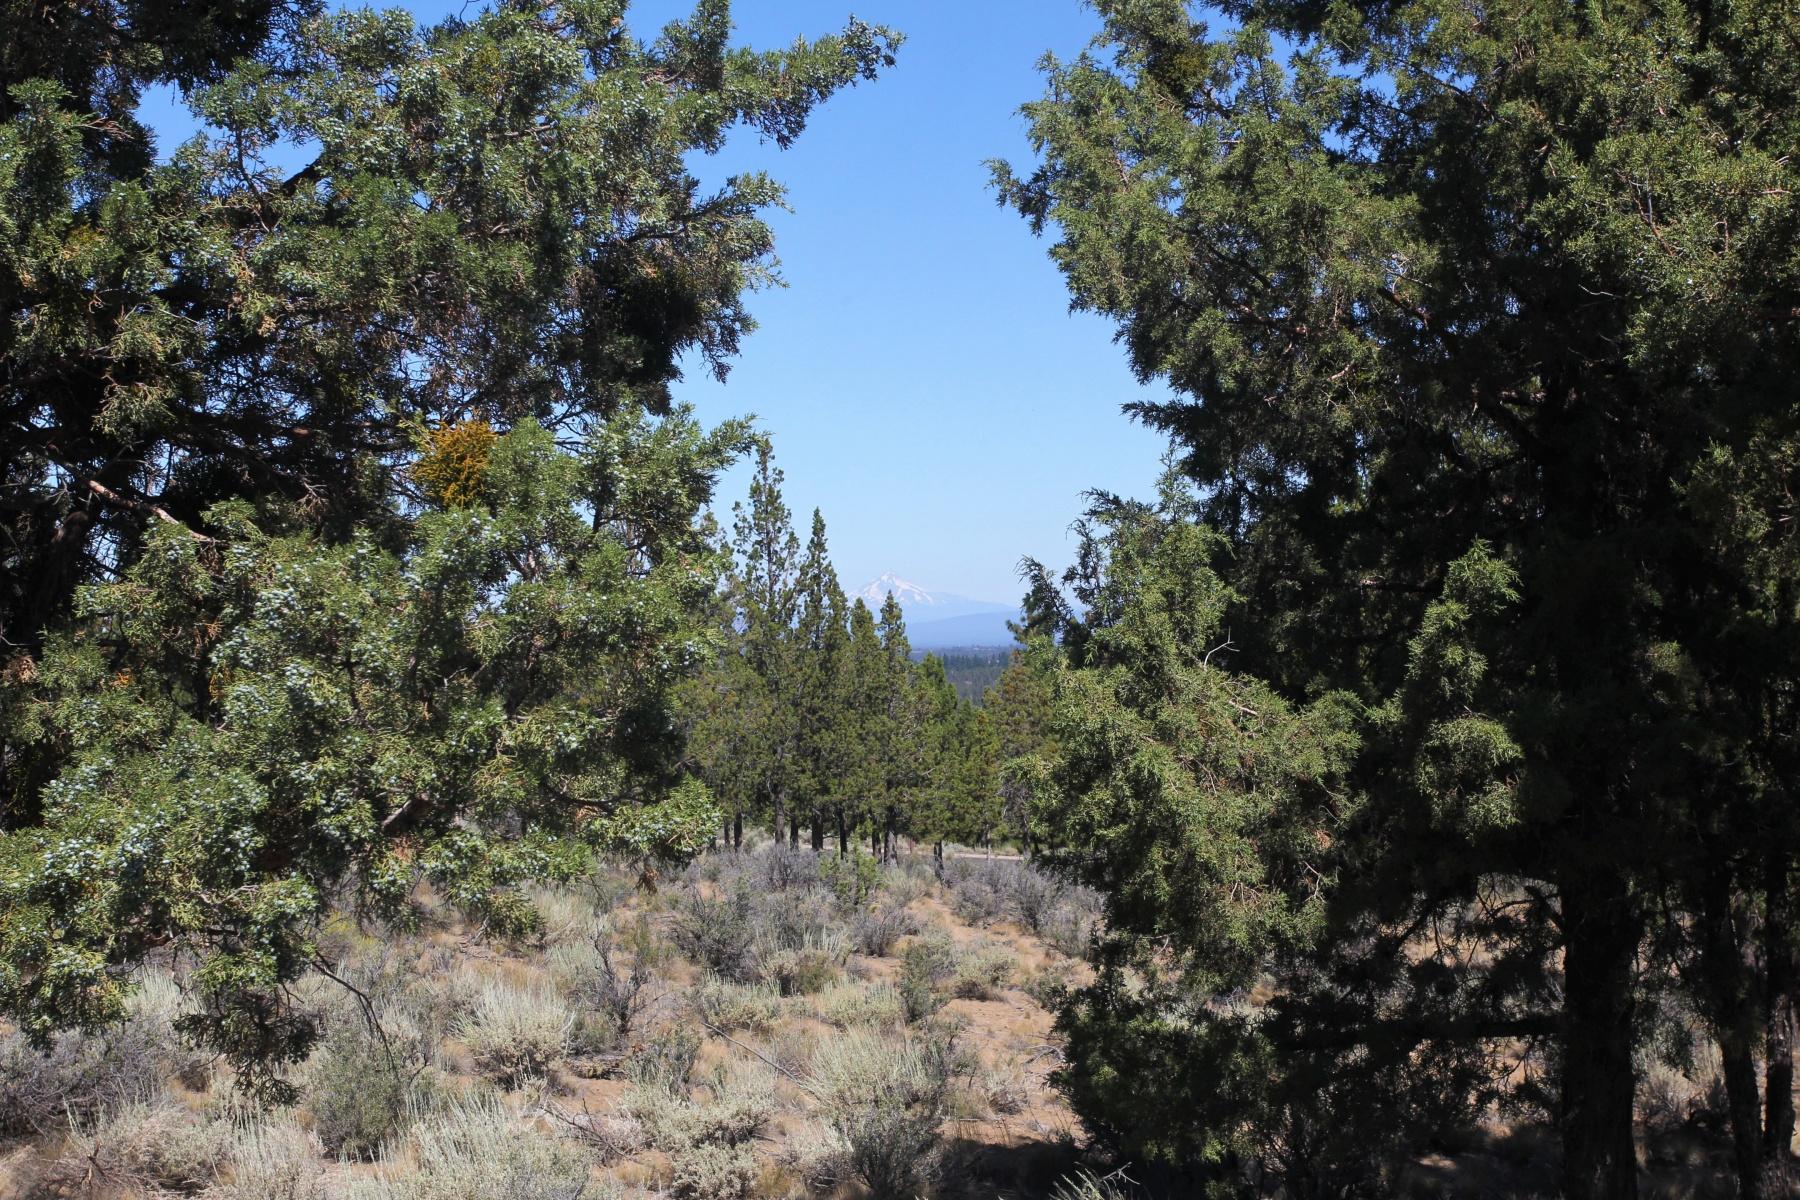 Terreno para Venda às 1489 NW Puccoon Court Lot 128, BEND 1489 NW Puccoon Ct Lot 128 Bend, Oregon, 97702 Estados Unidos